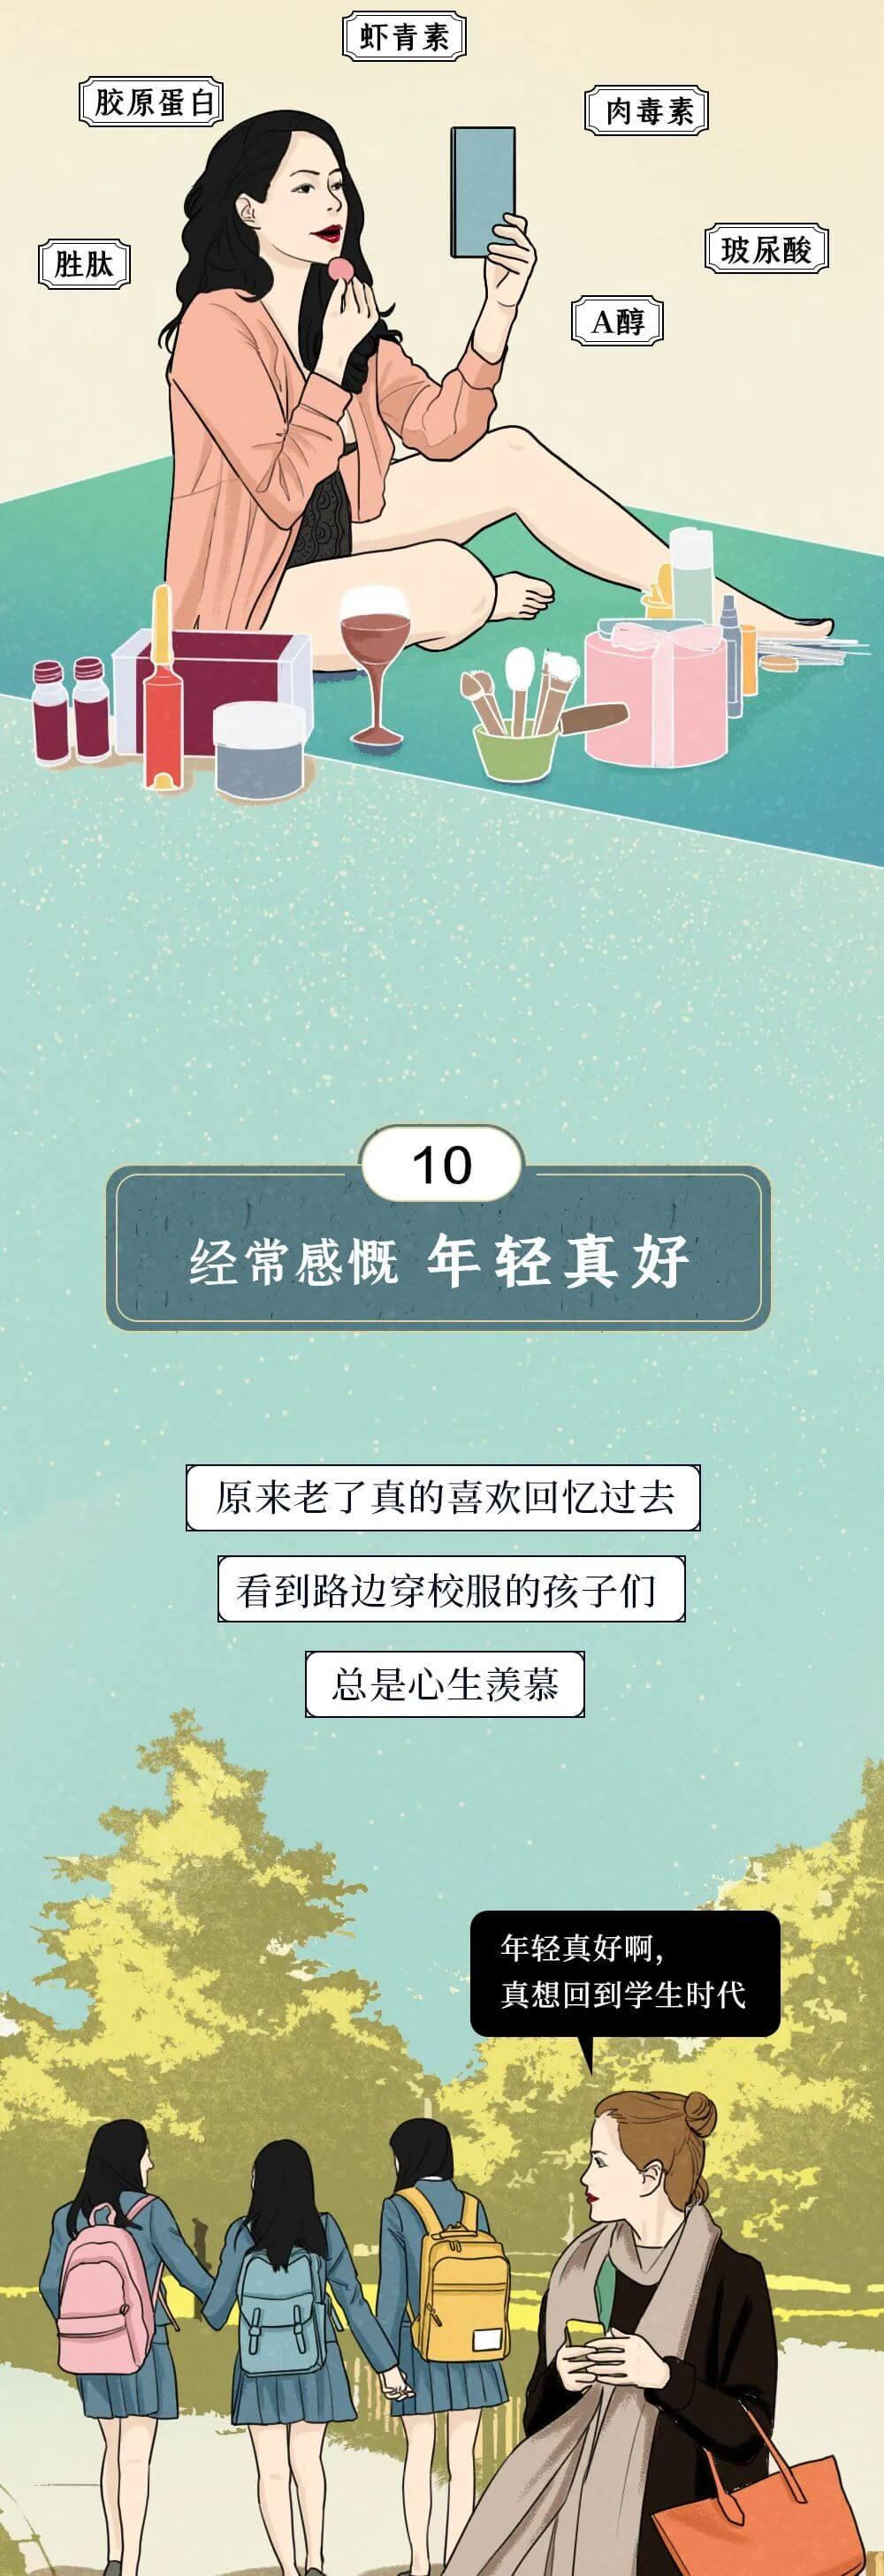 朋友圈浪姐对照表,16个特征你中了几条?